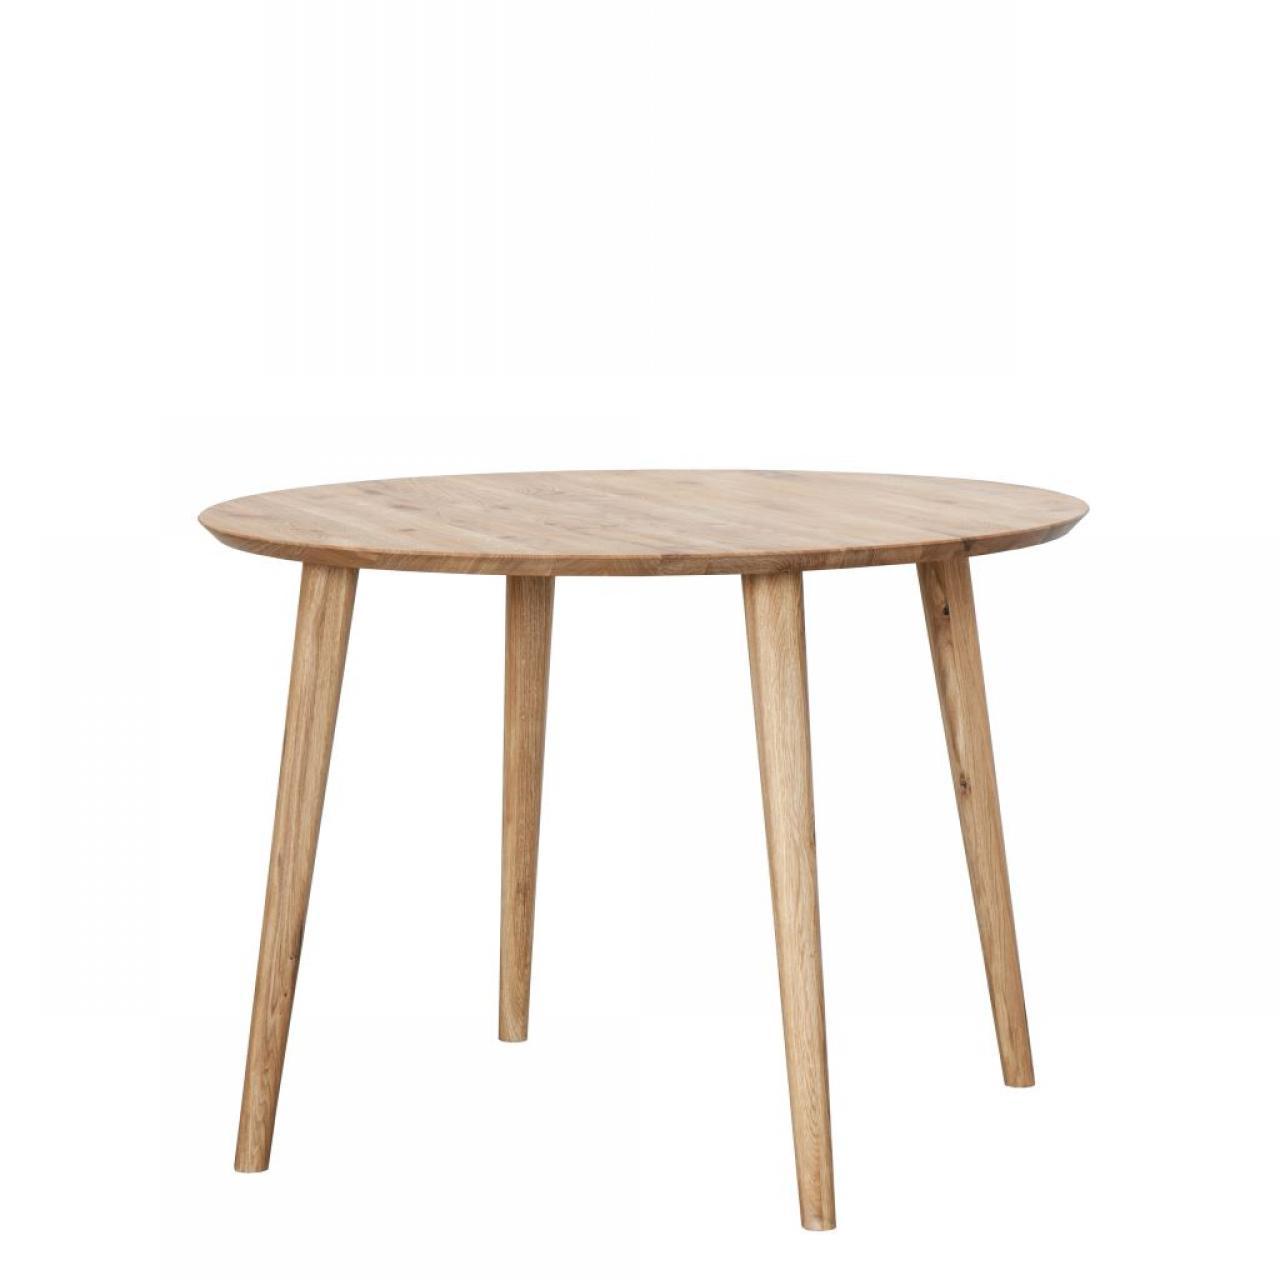 Esstisch TI-0076 Ø 105 cm Wildeiche massiv Rund 4 Tischbeine Küchentisch Tisch